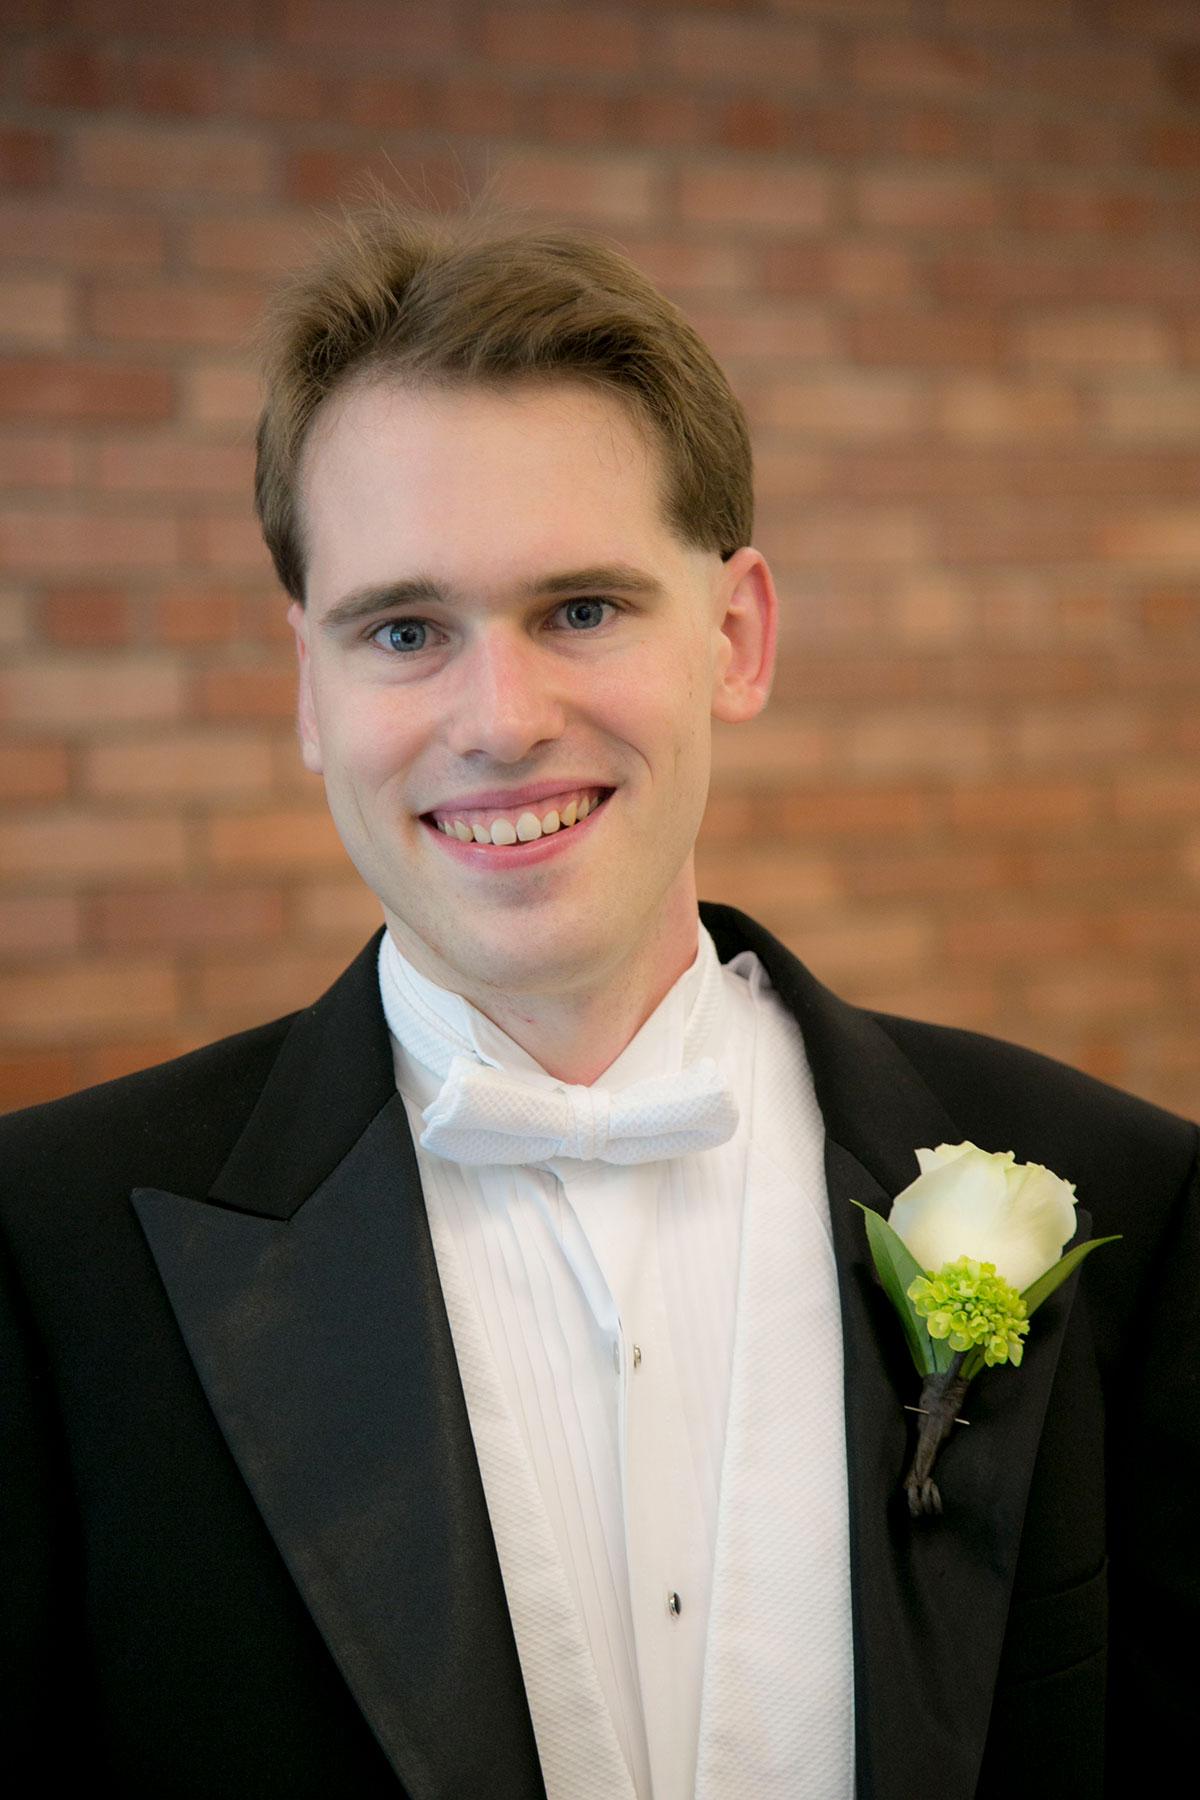 Wedding_Chicago_Rachel_Roberts_002.JPG